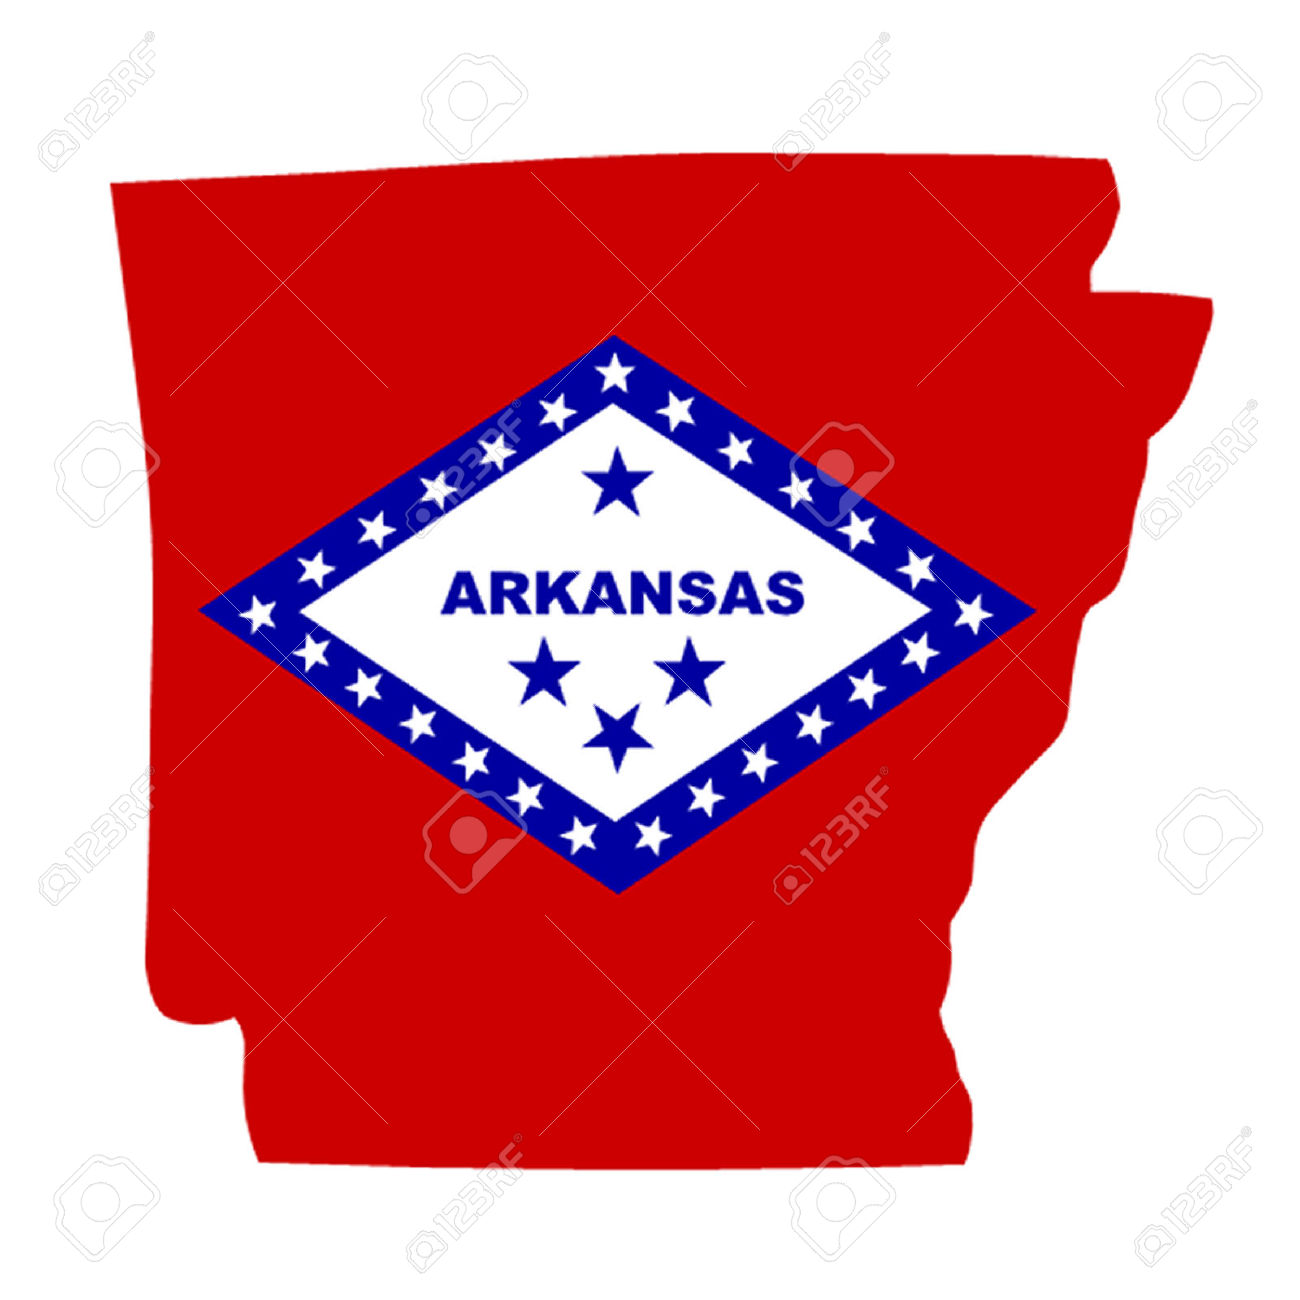 Arkansas clipart #16, Download drawings